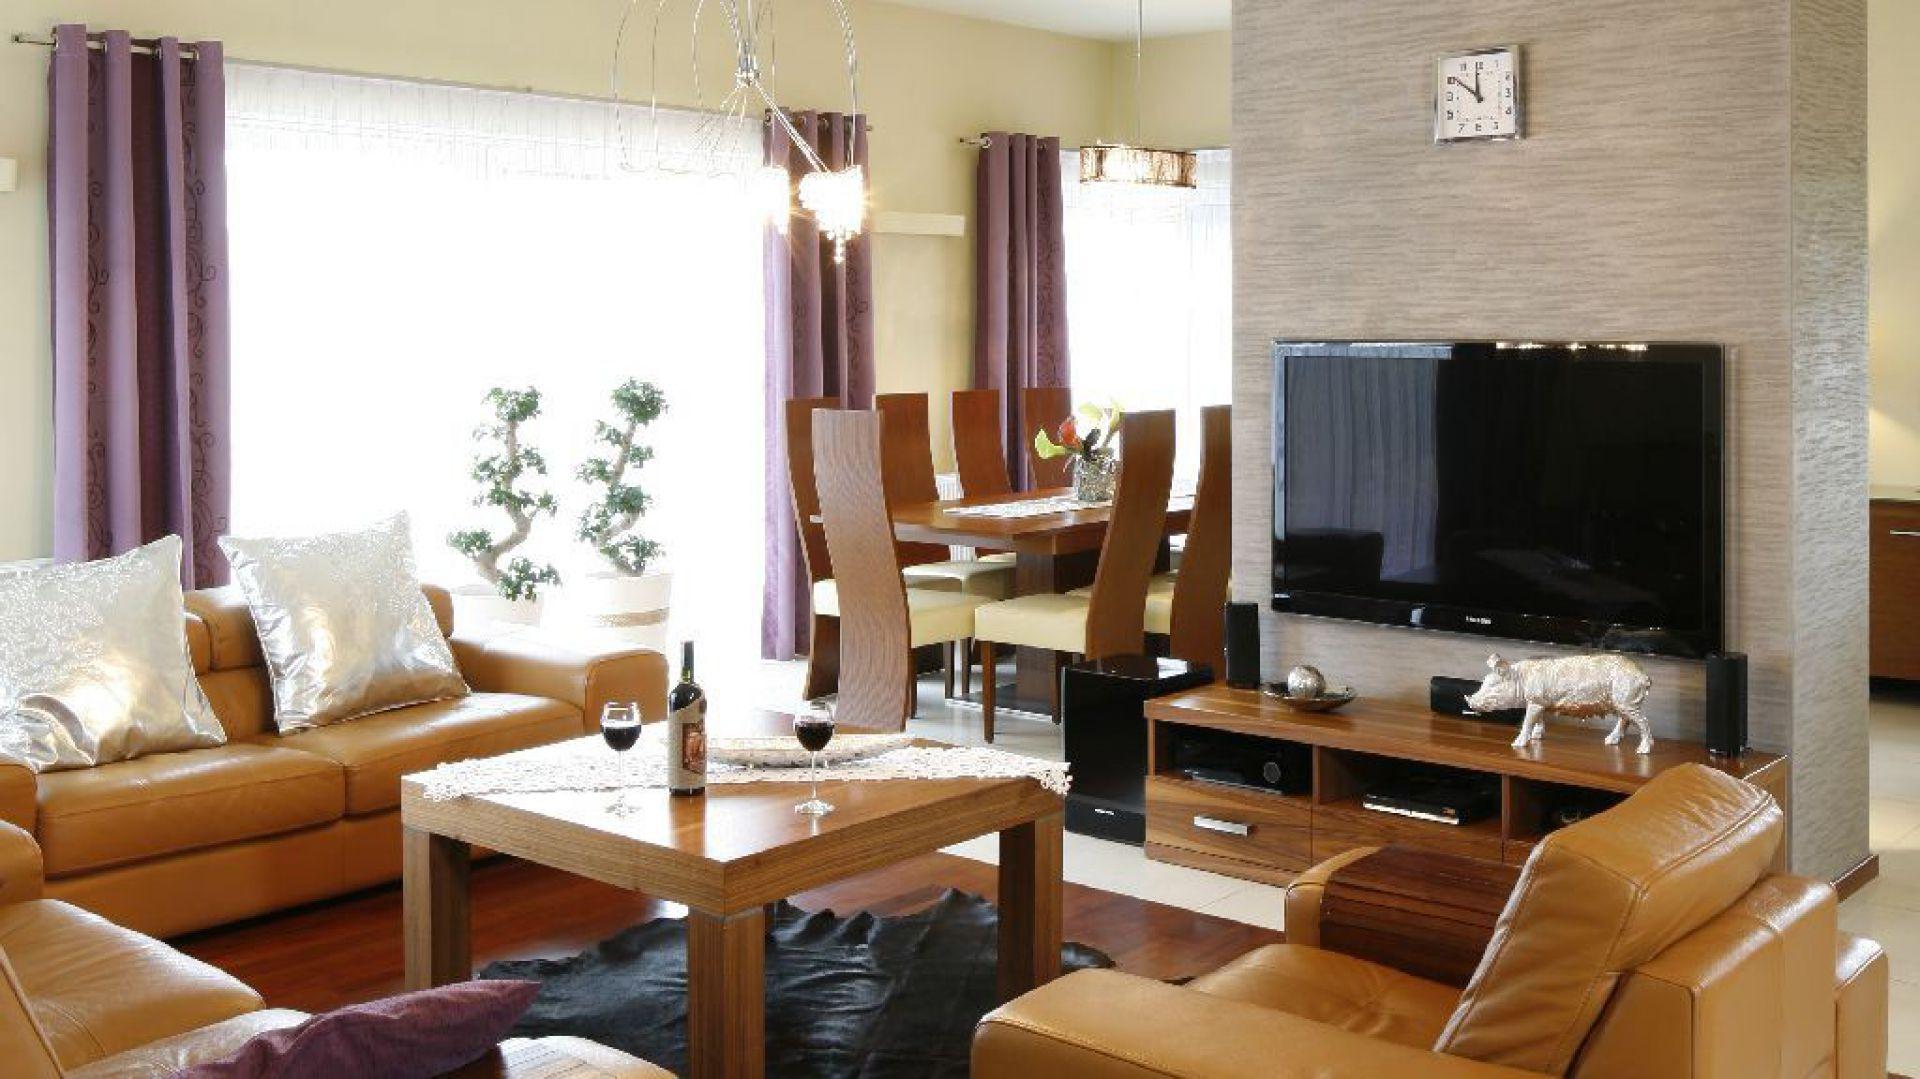 Pomysł do dużego pokoju: dwie sofy i fotel ustawione wokół stolika kawowego niedaleko kominka. Proj. wnętrz arch. Piotr Stanisz. Fot. Bartosz Jarosz.